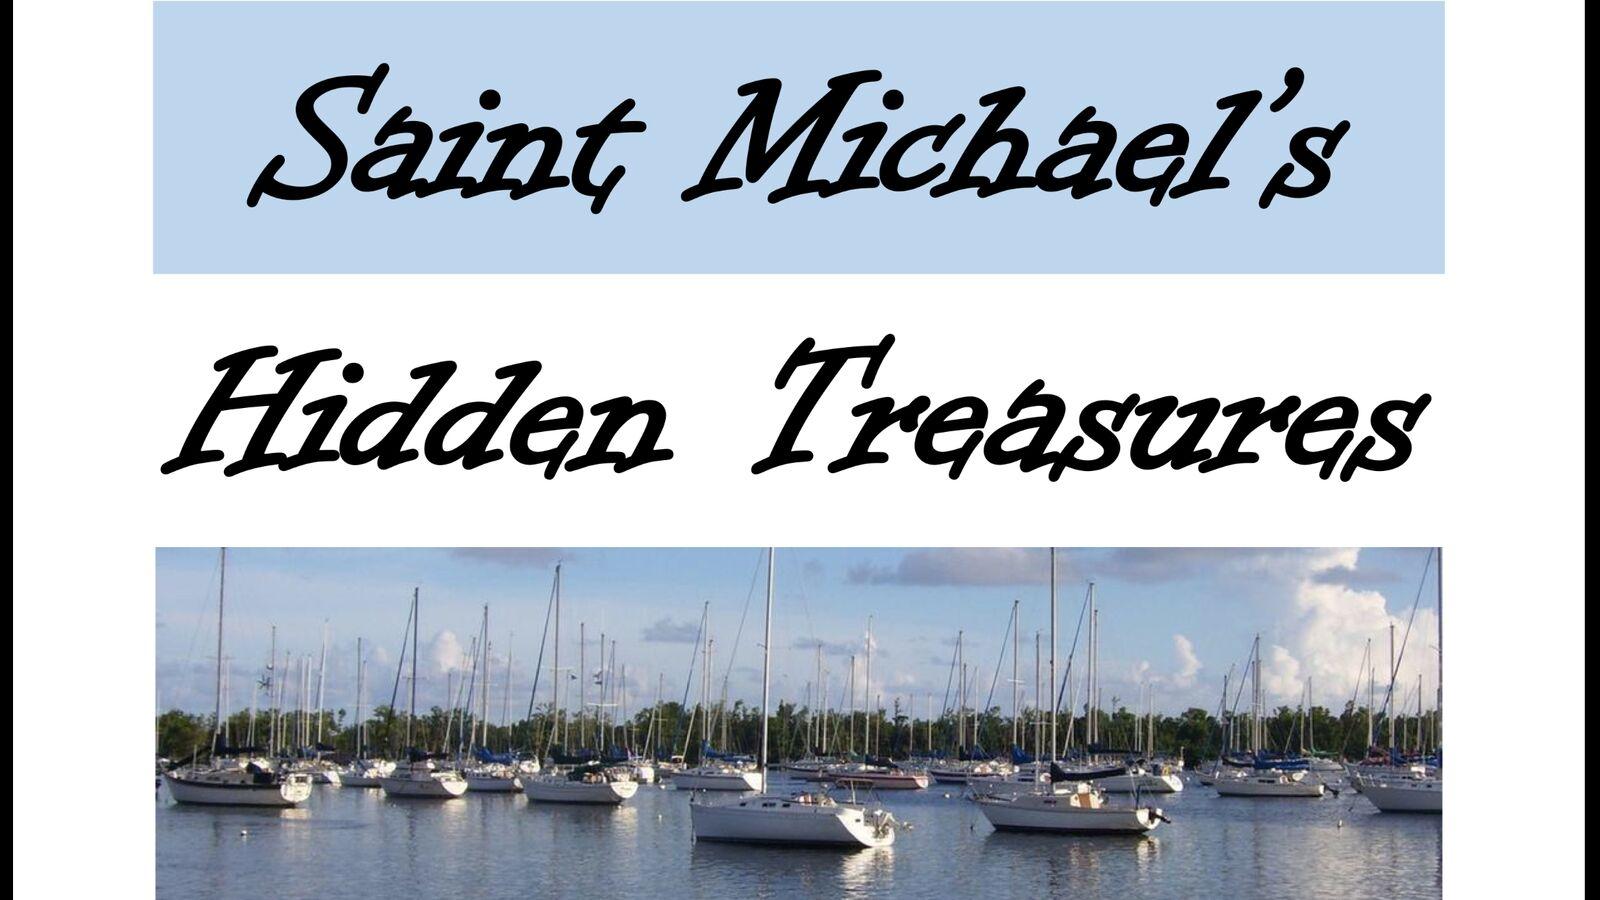 Saint Michael's Hidden Treasures